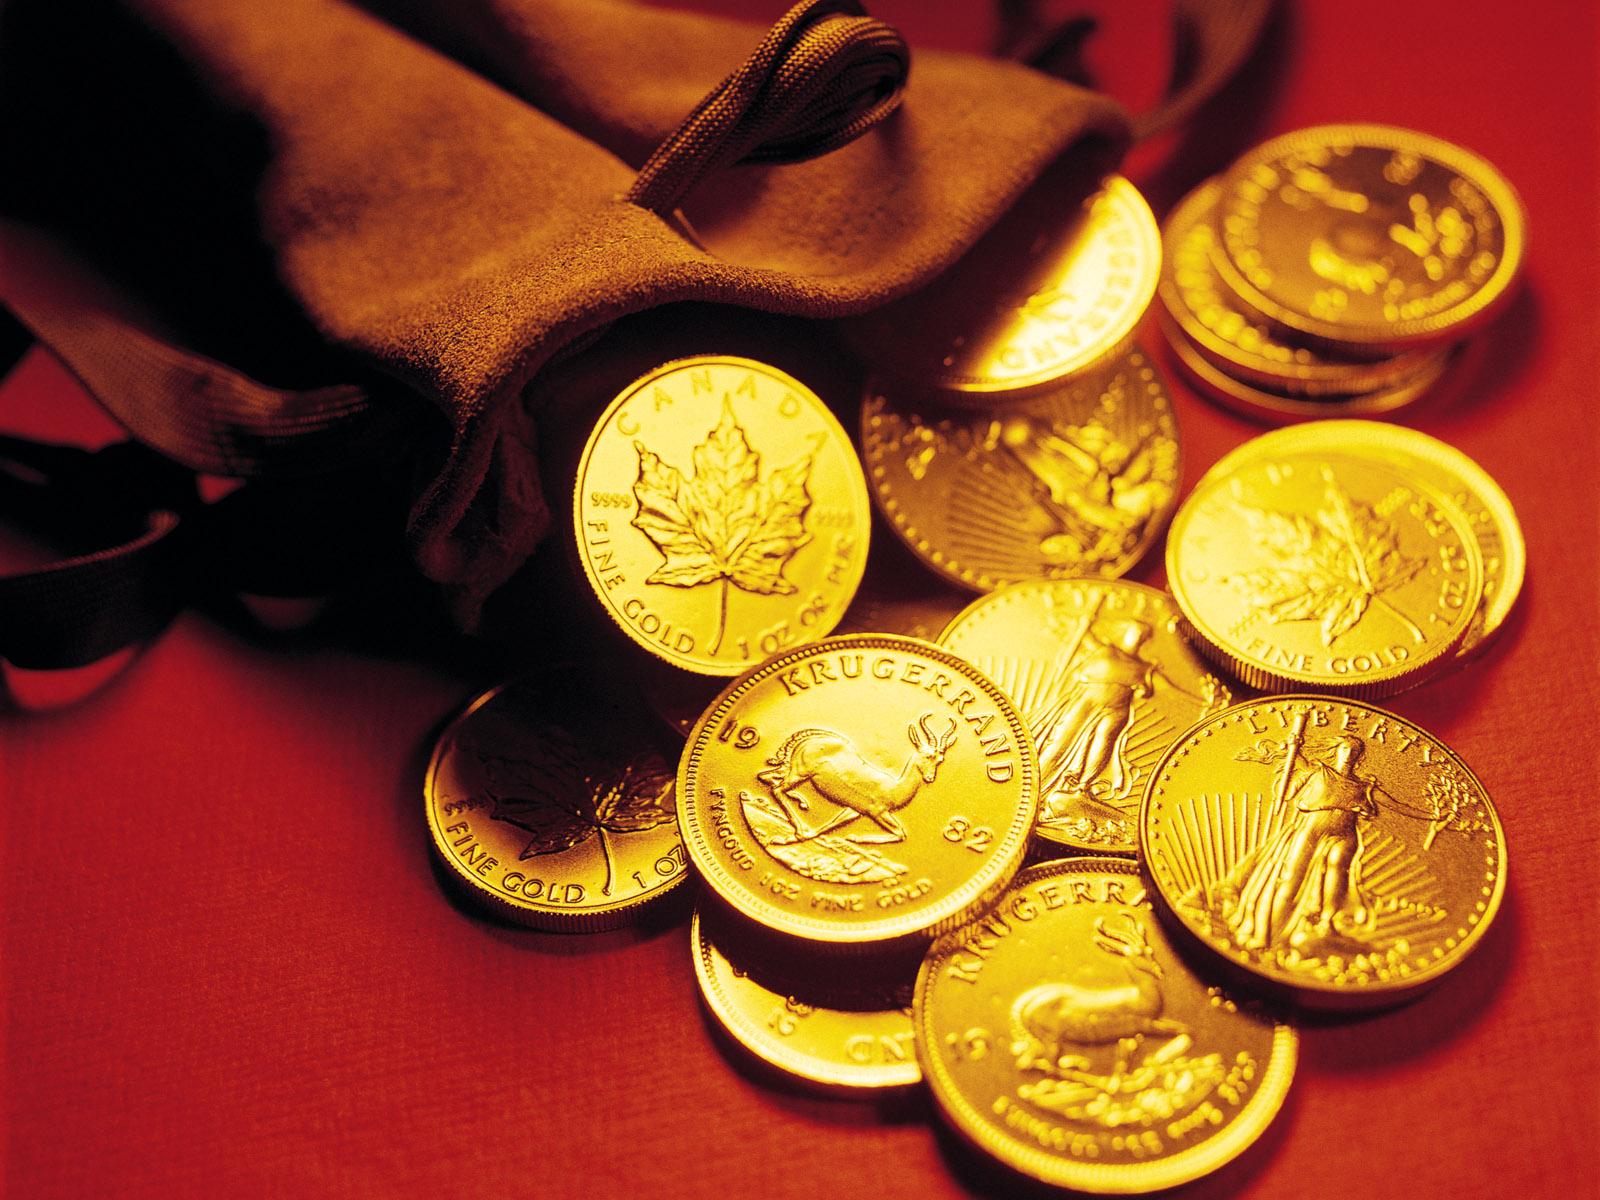 золотые монеты, фото, обои для рабочего стола, gold money